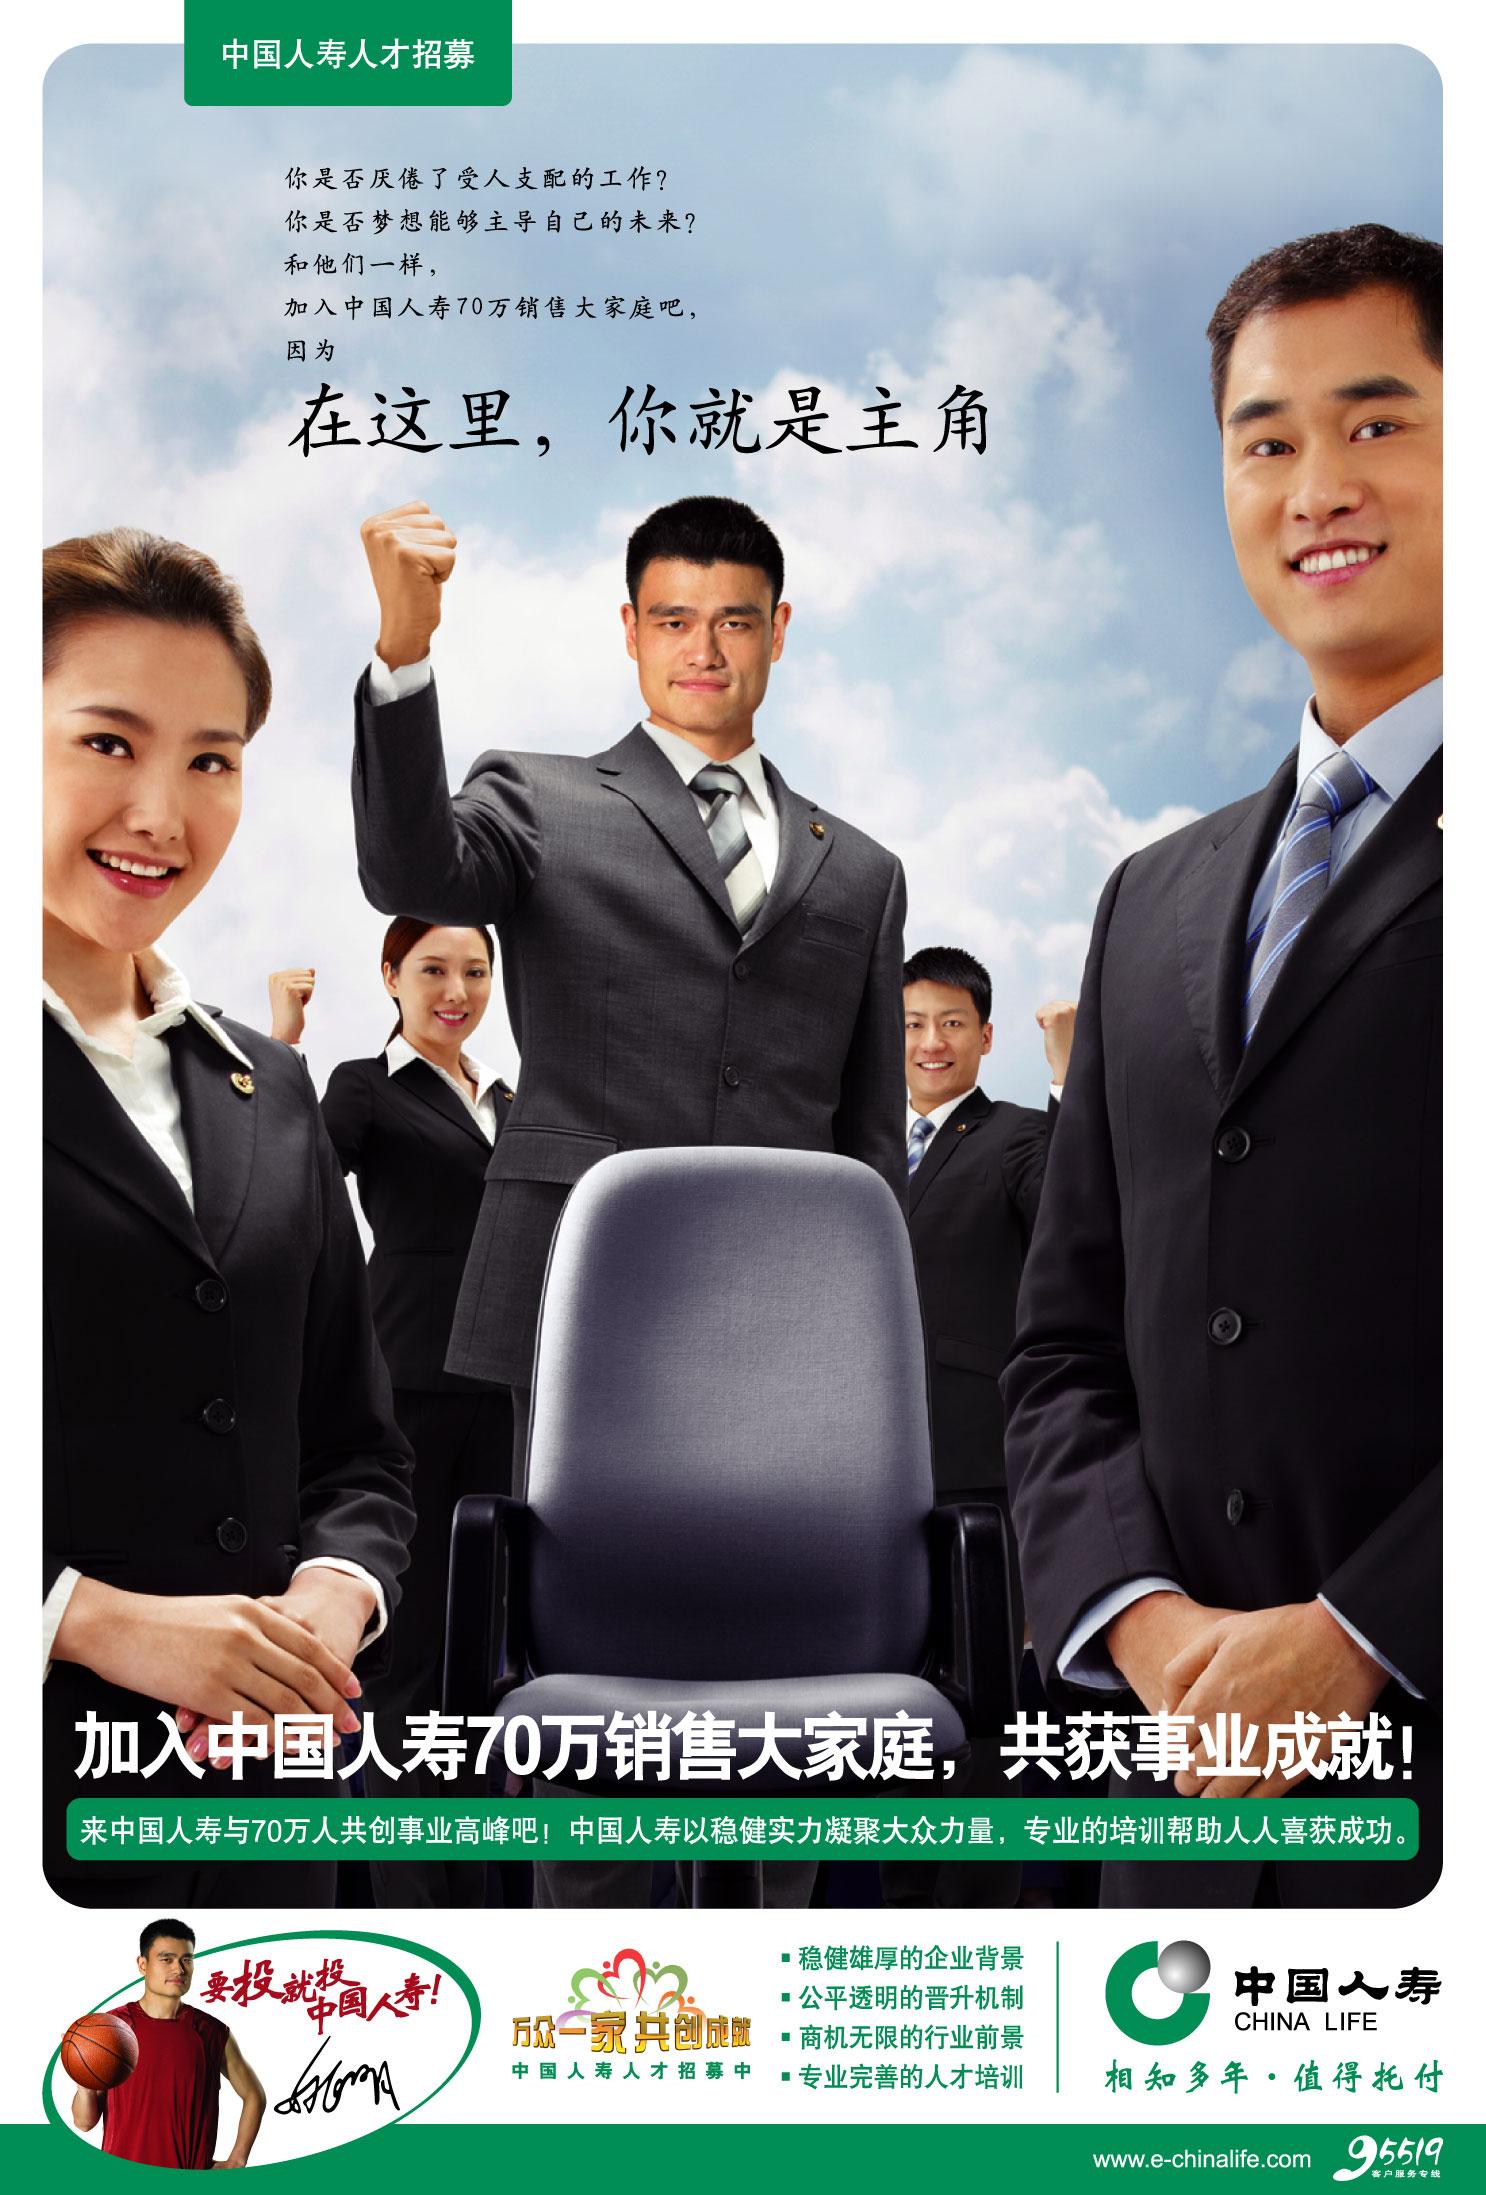 国寿财险中国人寿招聘-国寿财险